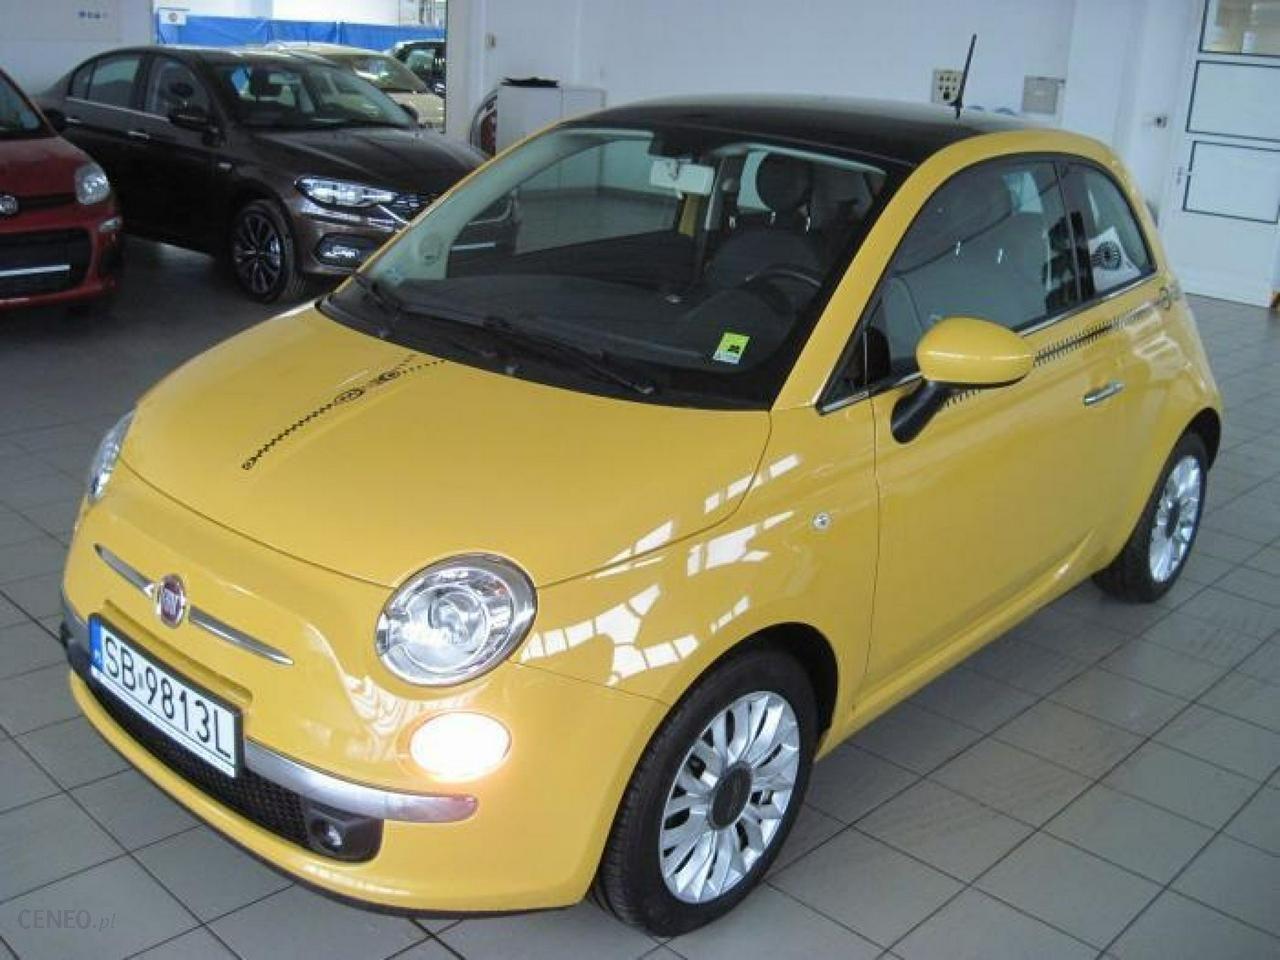 W superbly Fiat 500 2014 95KM Sedan Żółty - Opinie i ceny na Ceneo.pl JM43